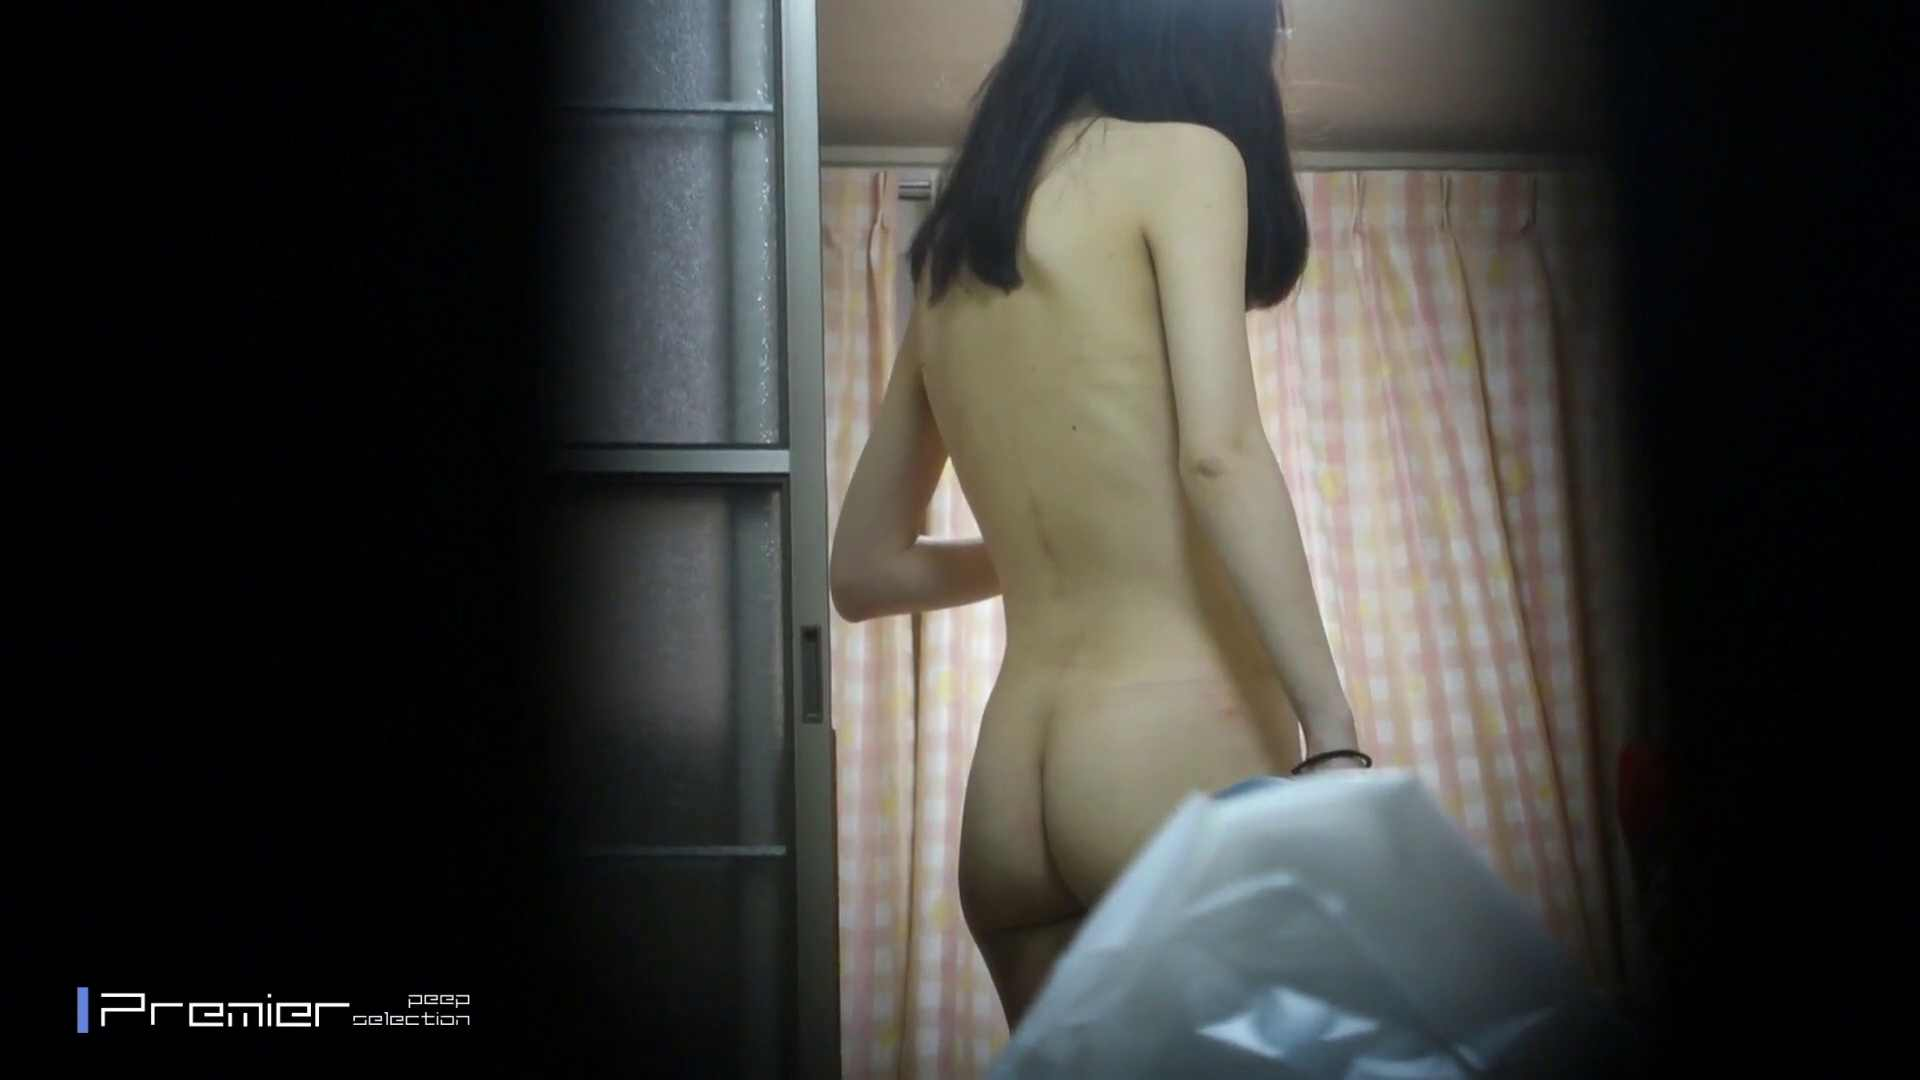 再生38分!マン毛剛毛超絶美女の私生活 美女達の私生活に潜入! 潜入エロ調査 | 高画質  78連発 39